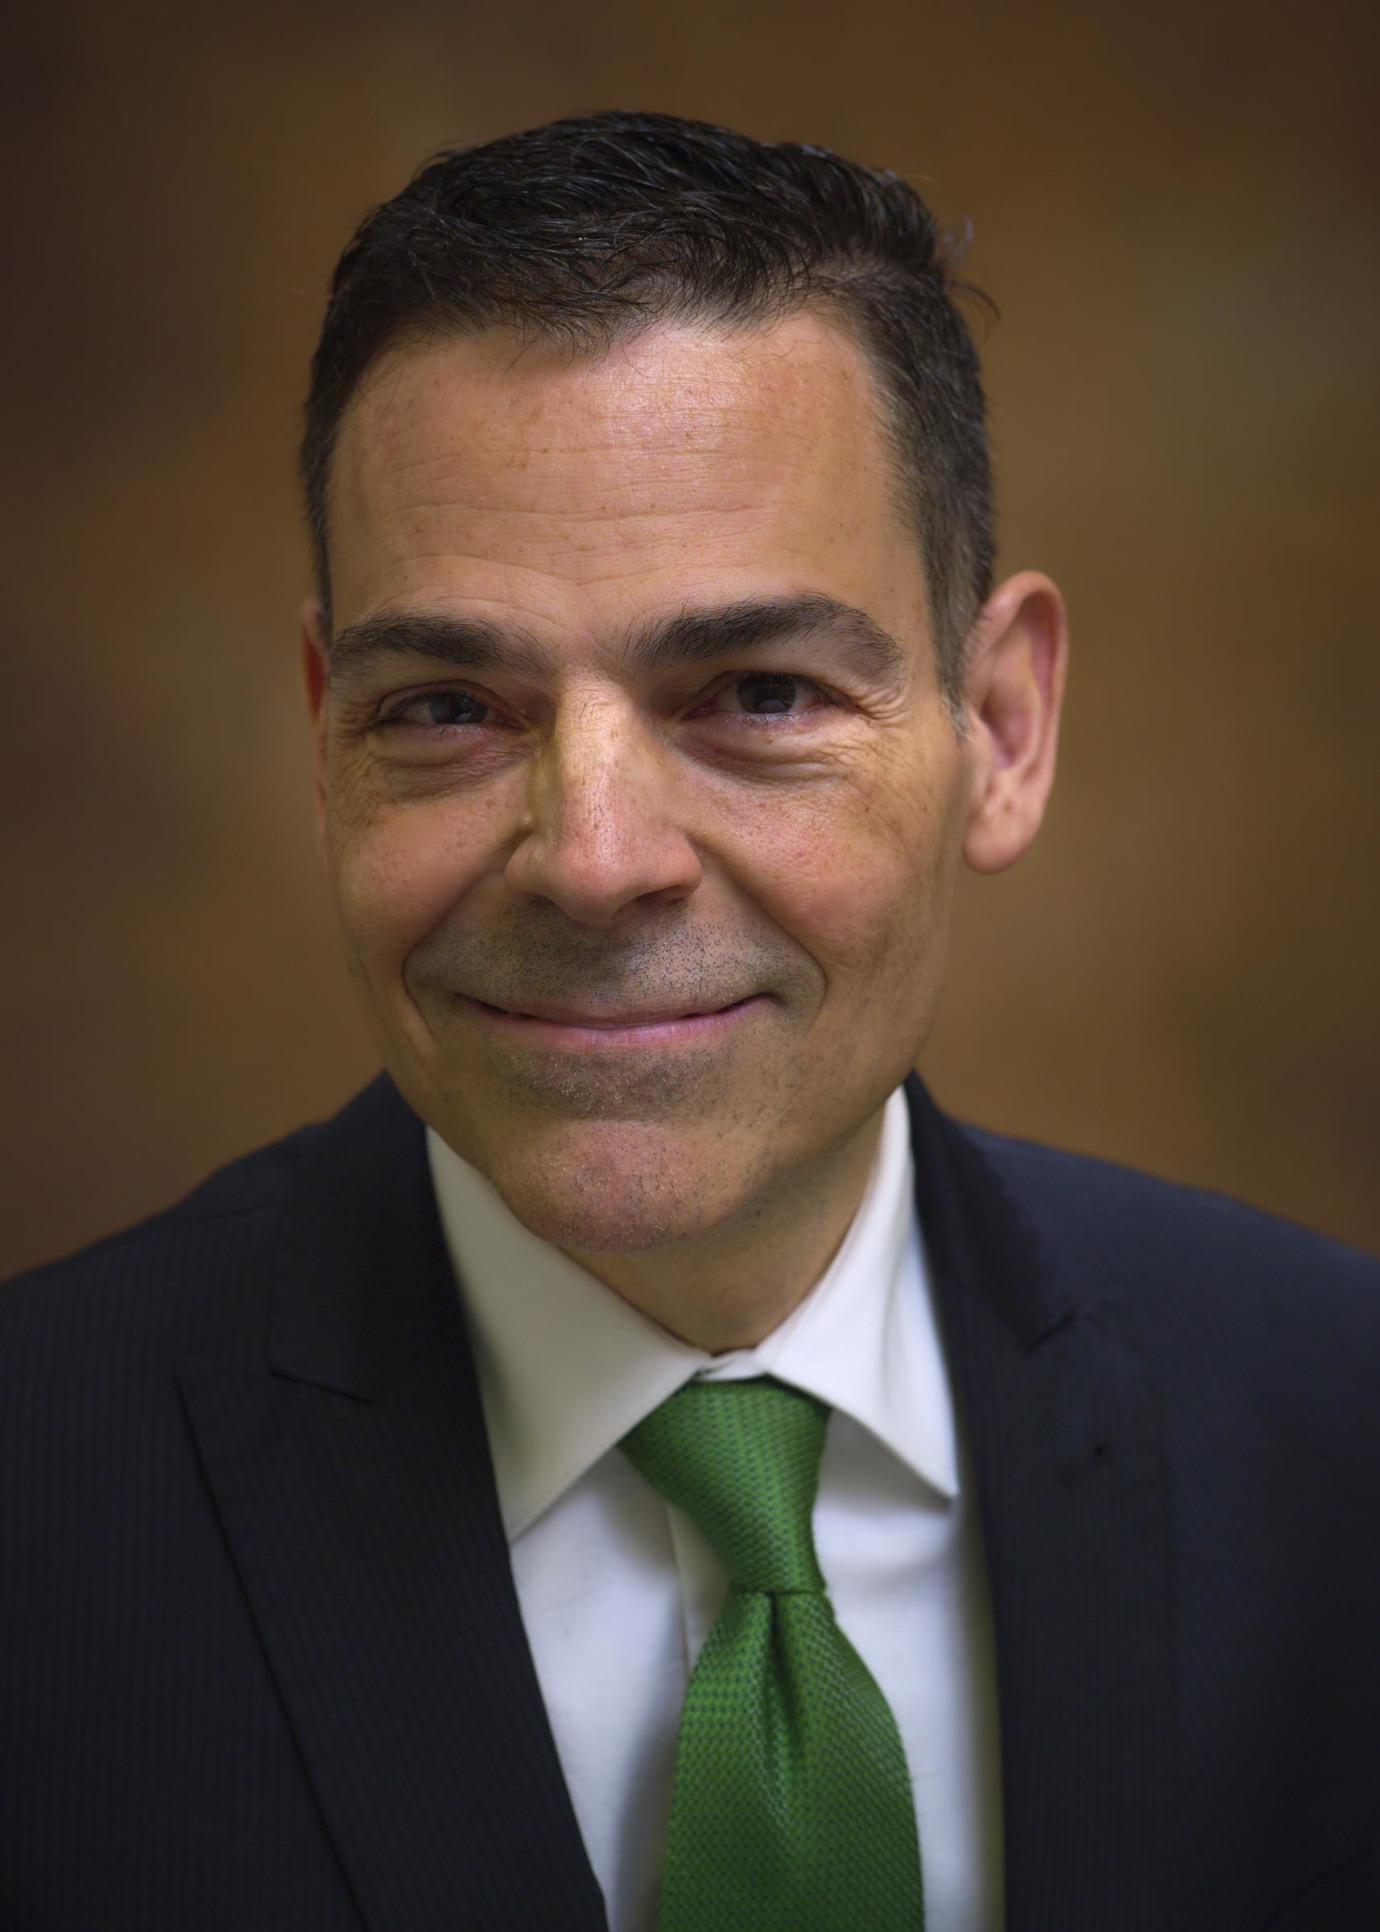 headshot of Dr. Llor